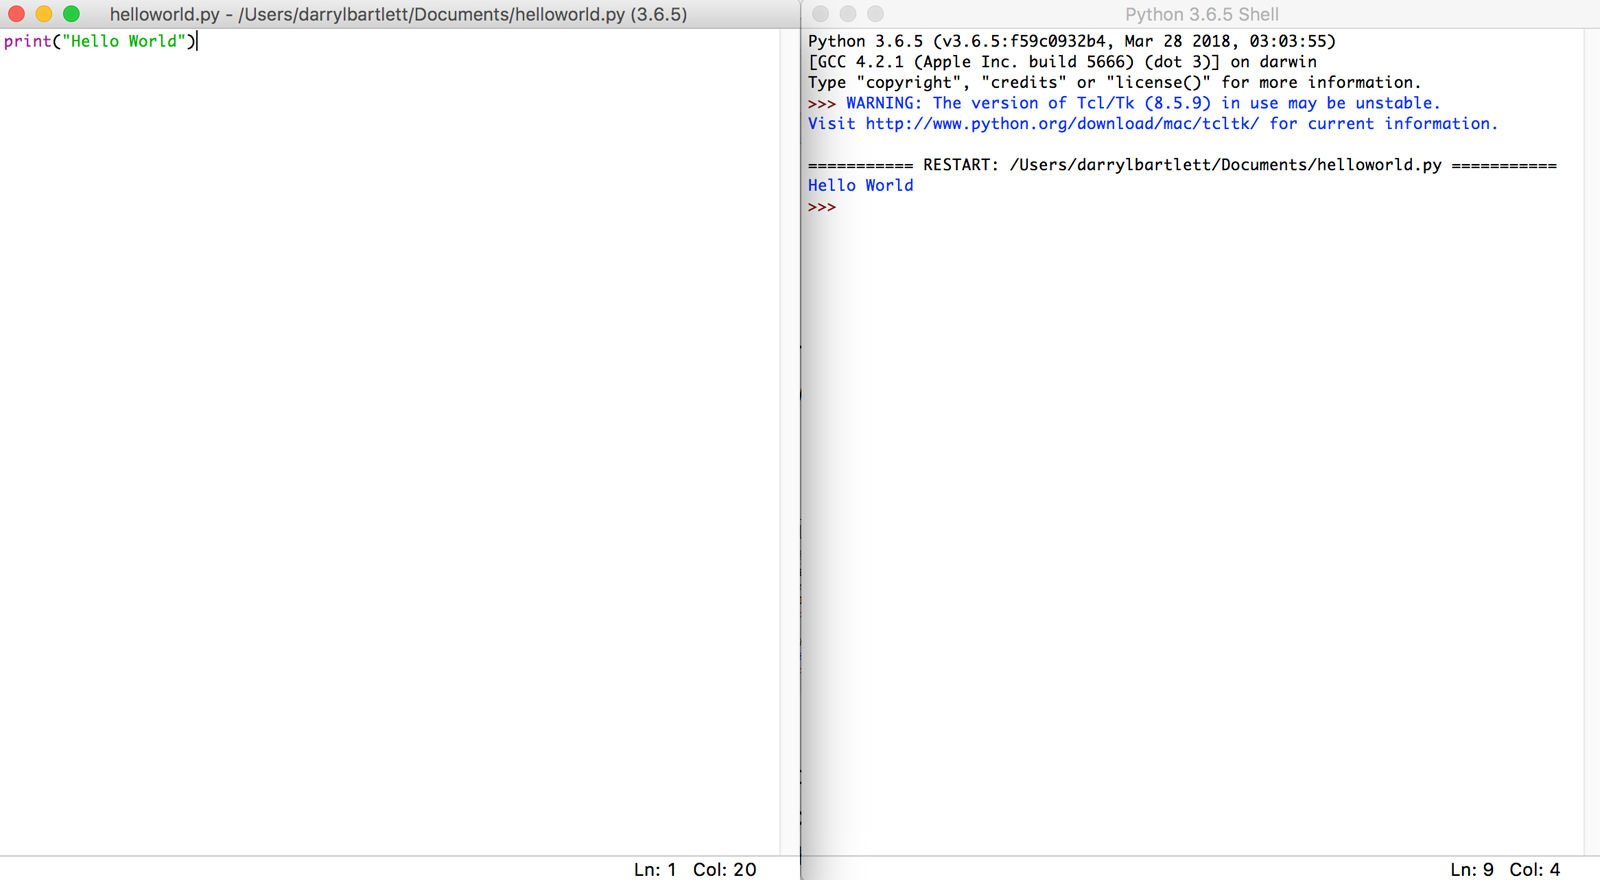 Cómo usar la codificación Python en Mac: Hello World